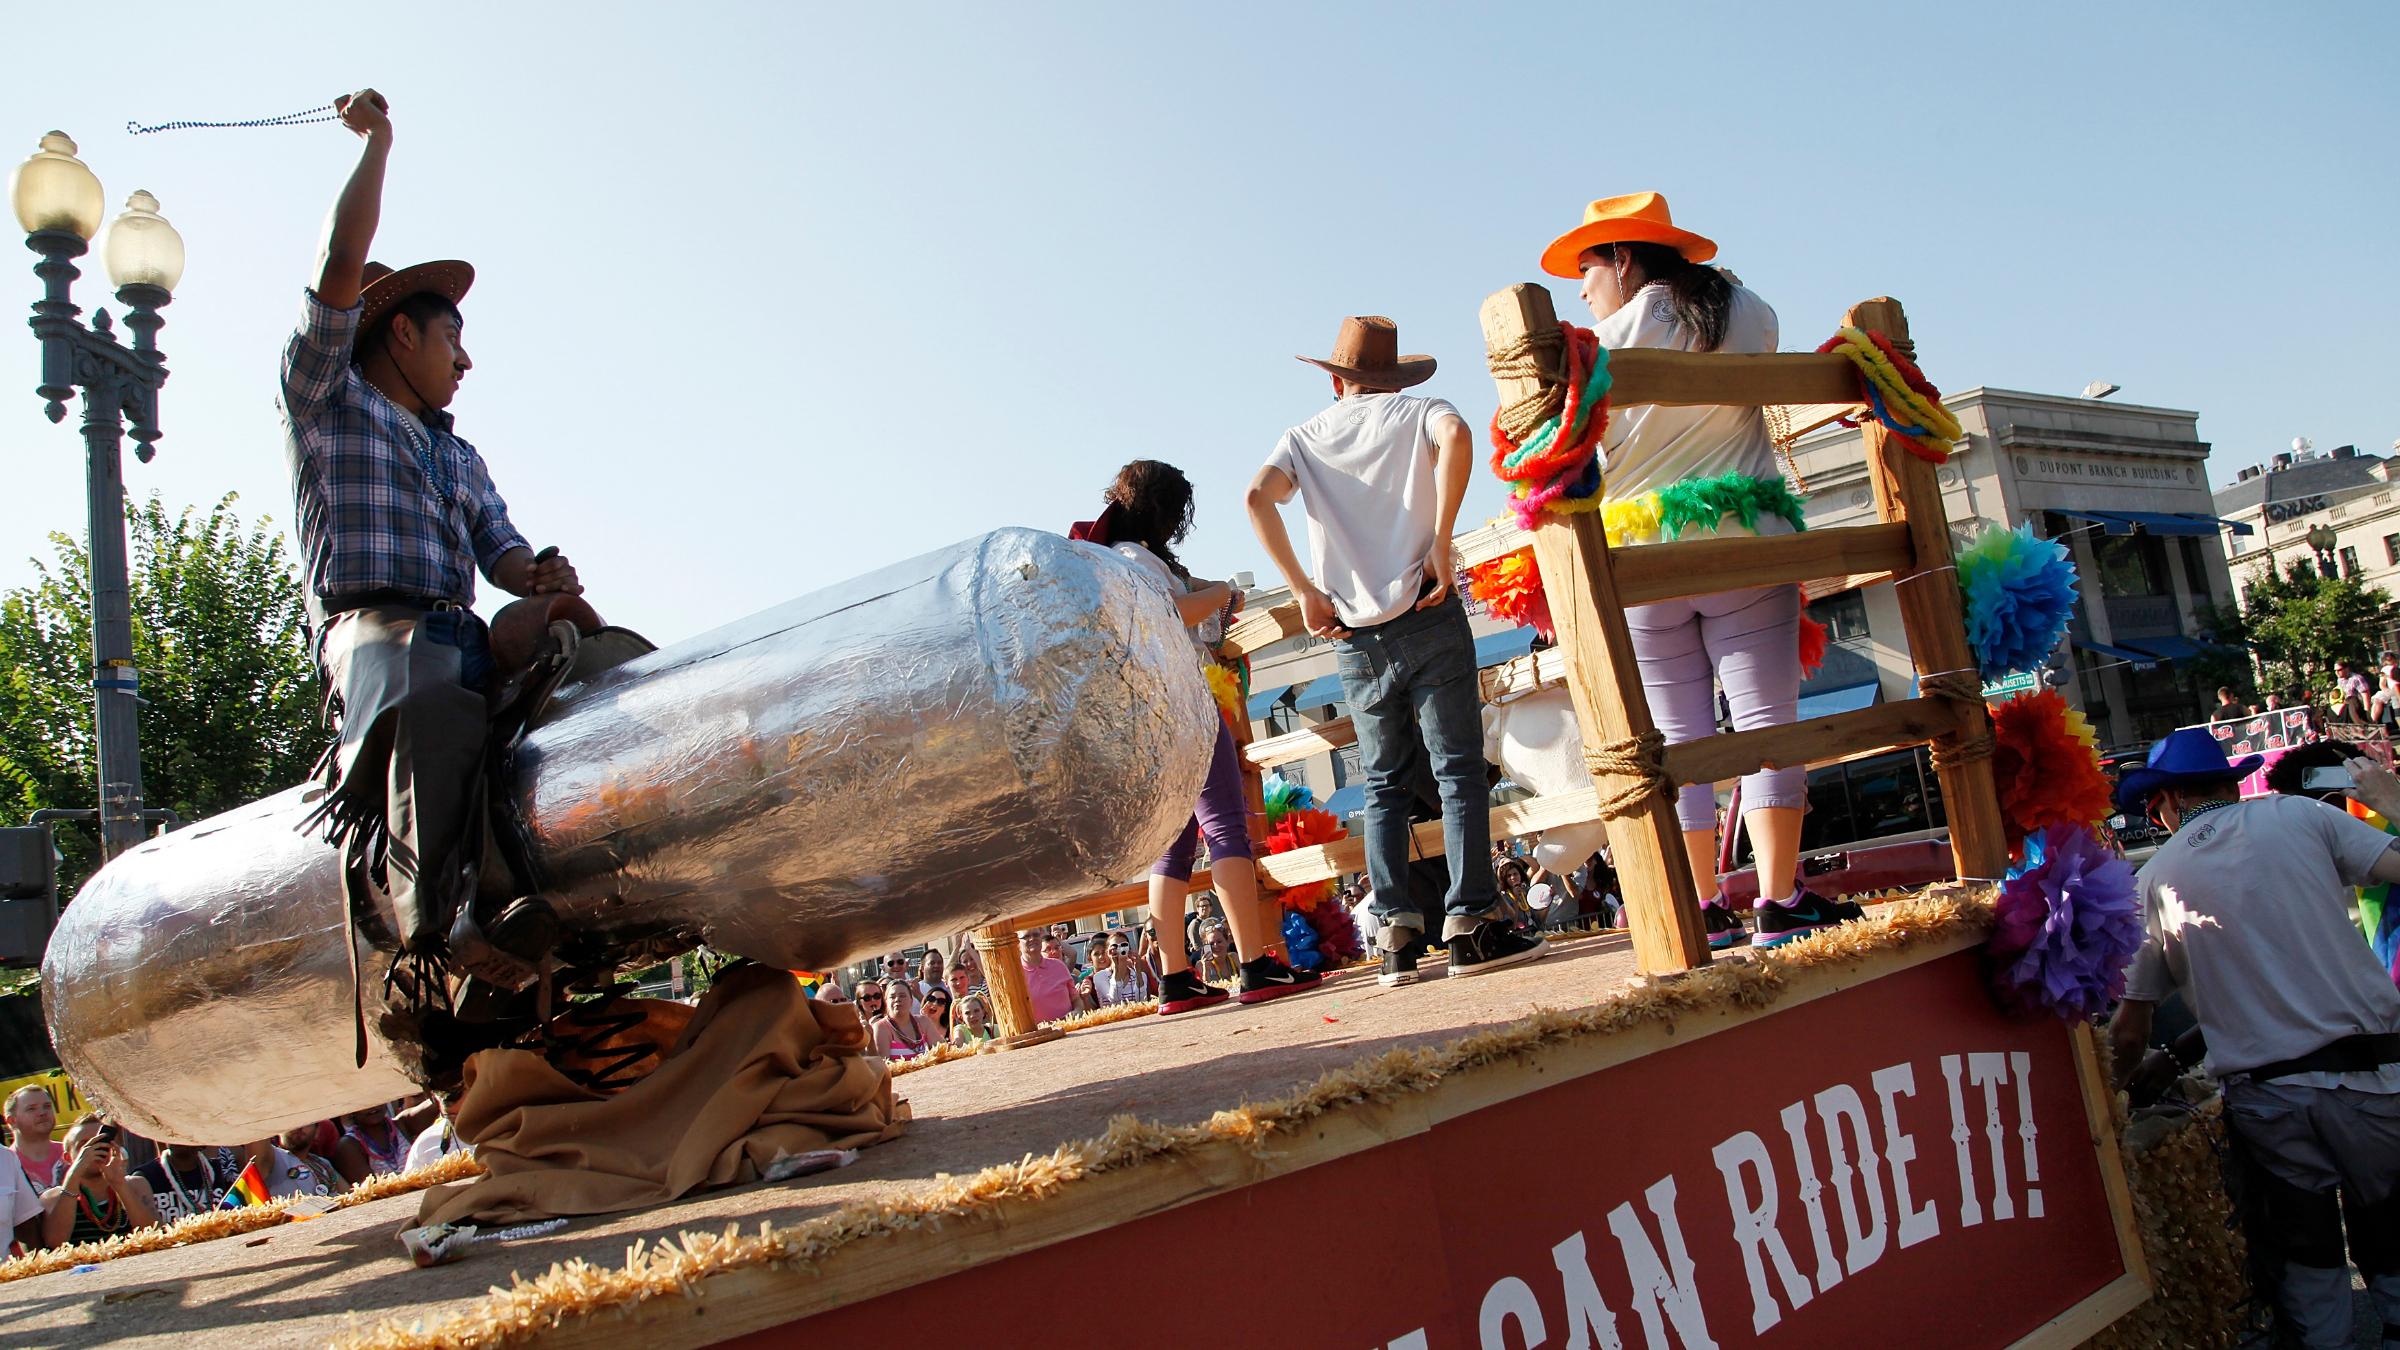 Burrito riding